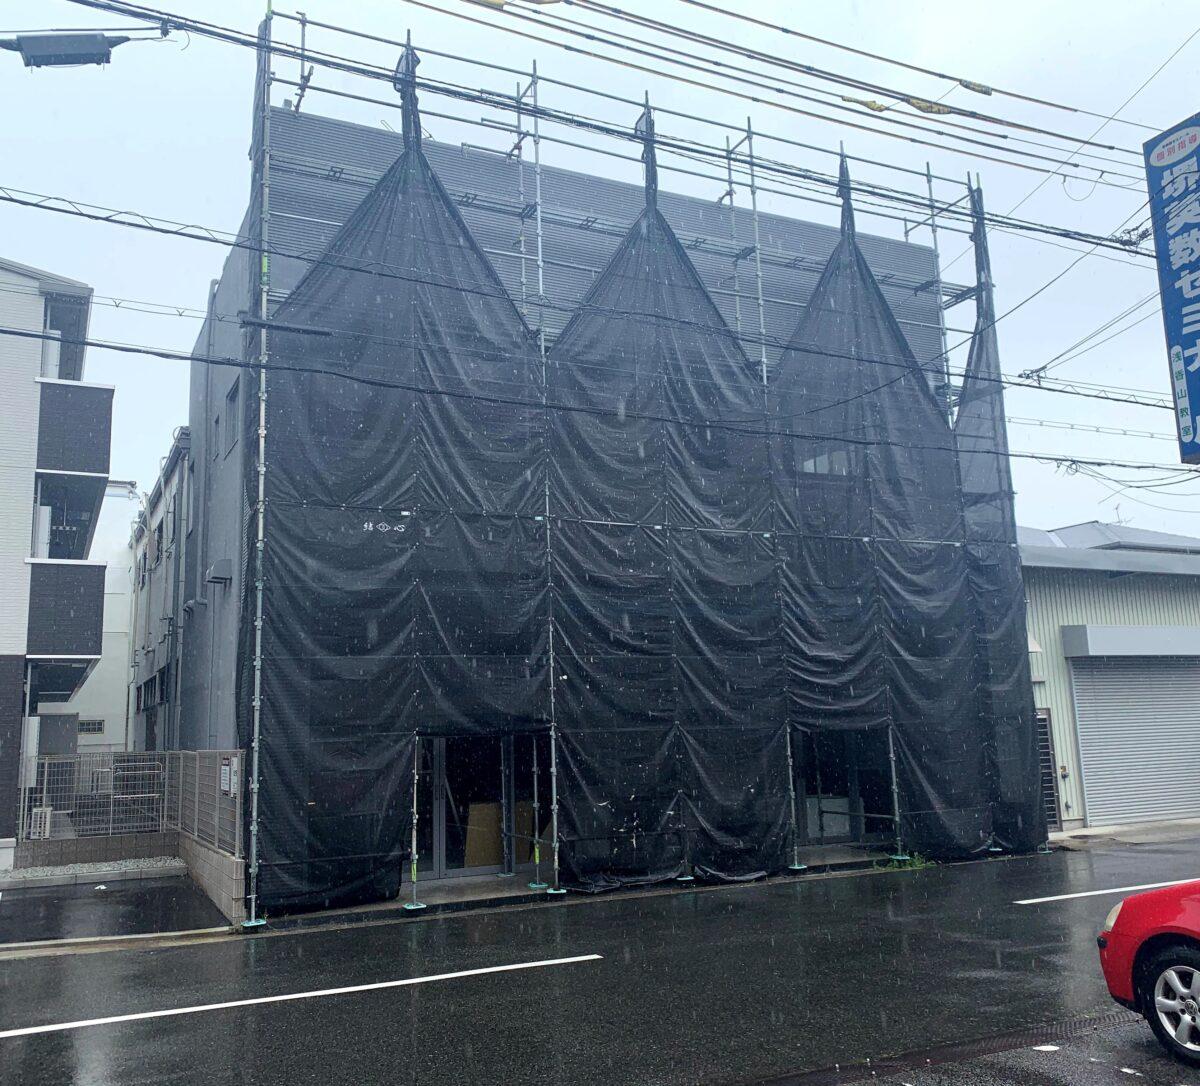 【新店情報】堺市堺区・浅香山駅近くで現在工事中のあの場所には・・・オシャレカフェ『THE base Cafe Dining 浅香山』が出来るみたい!!: